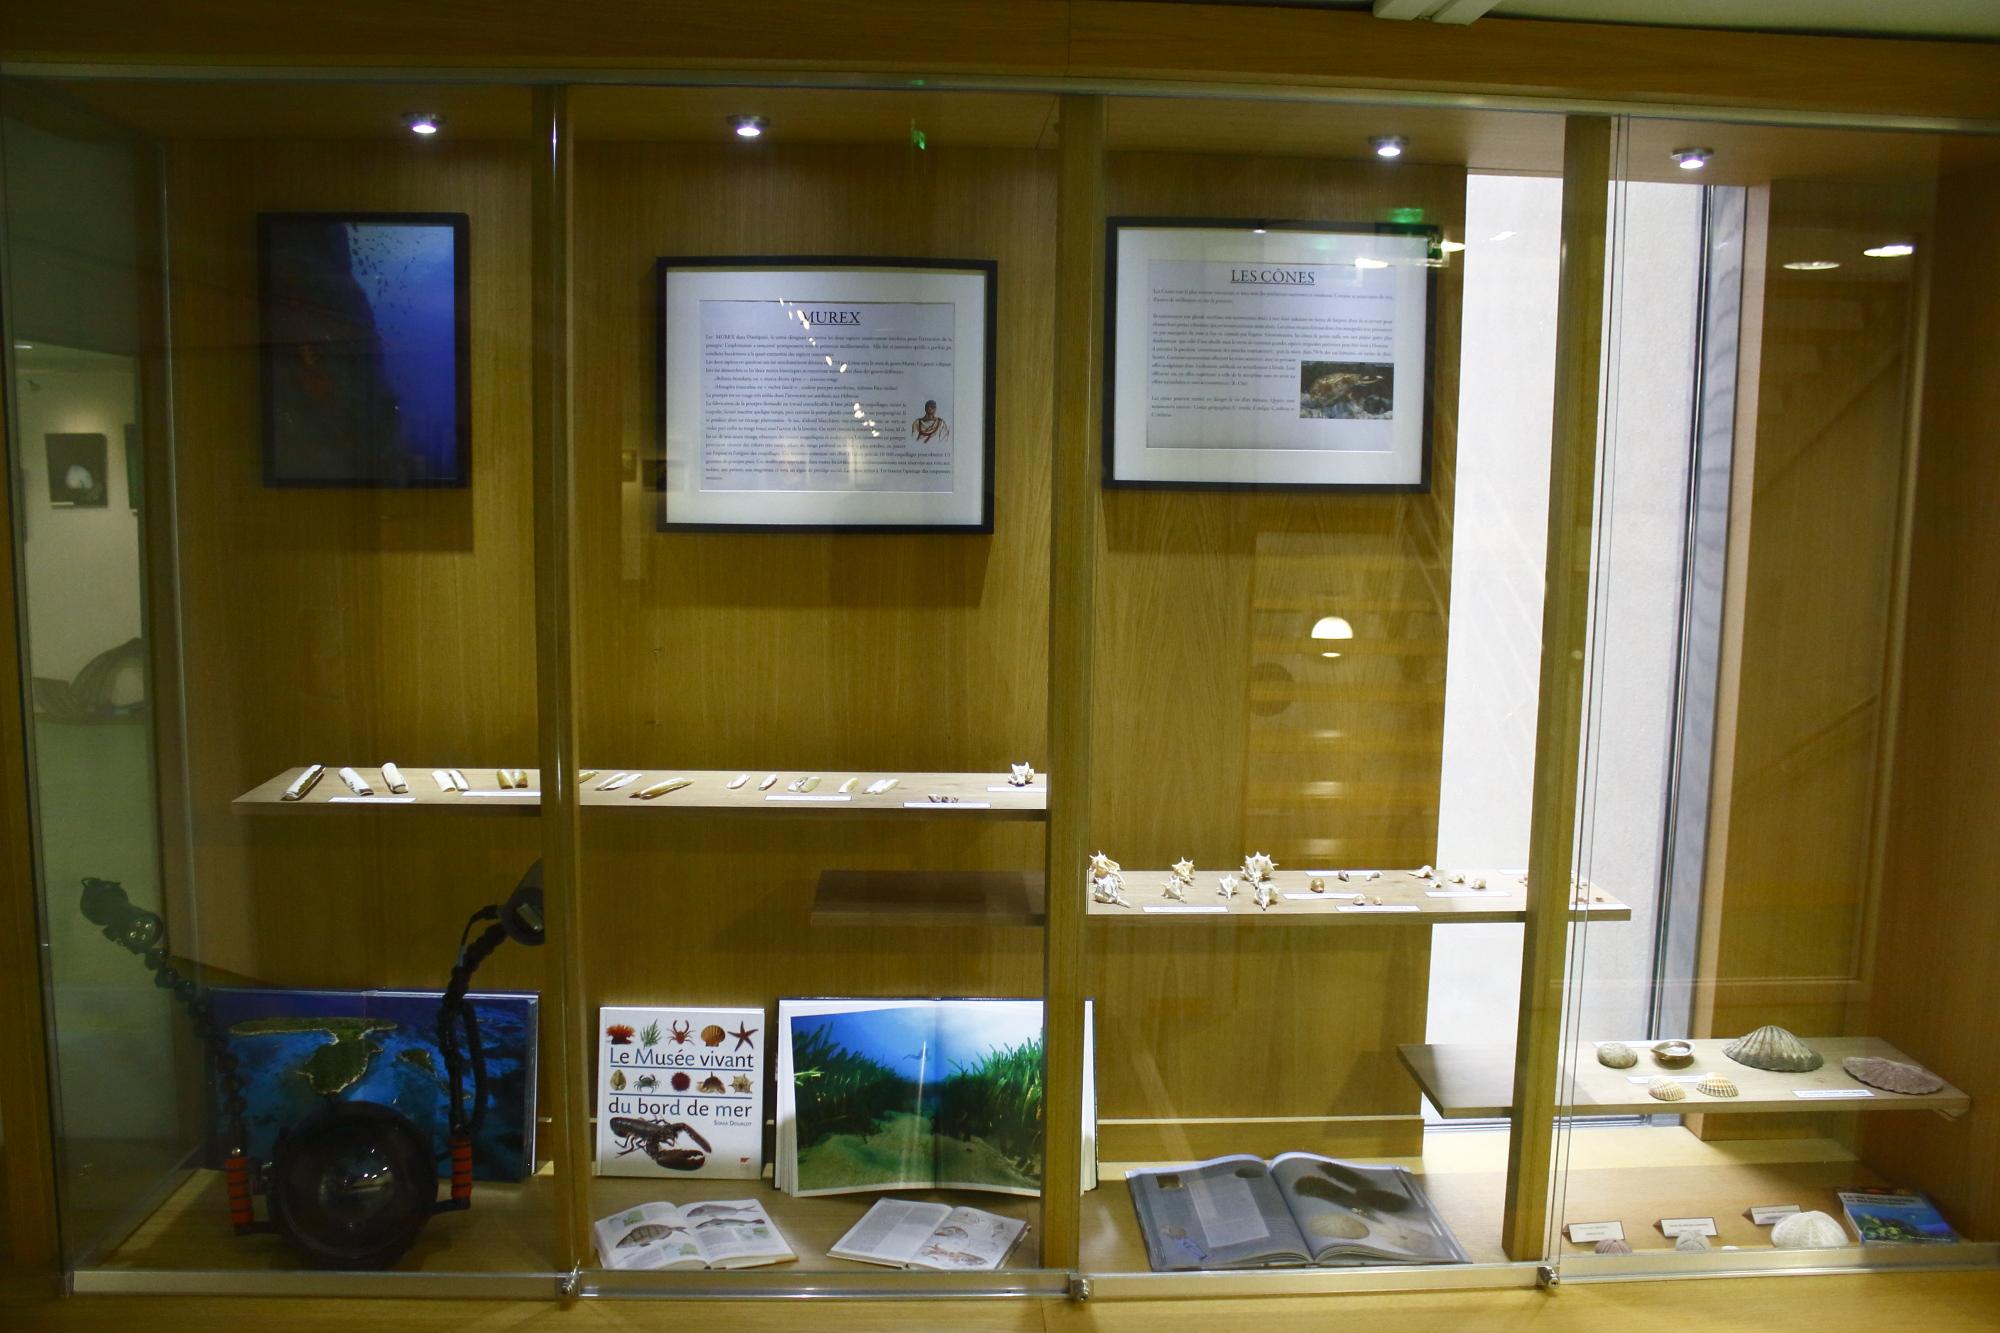 Vitrine des coquillages du Muséum d'Histoire Naturelle de Dijon - Caisson et livres personnels © Florian Bernier